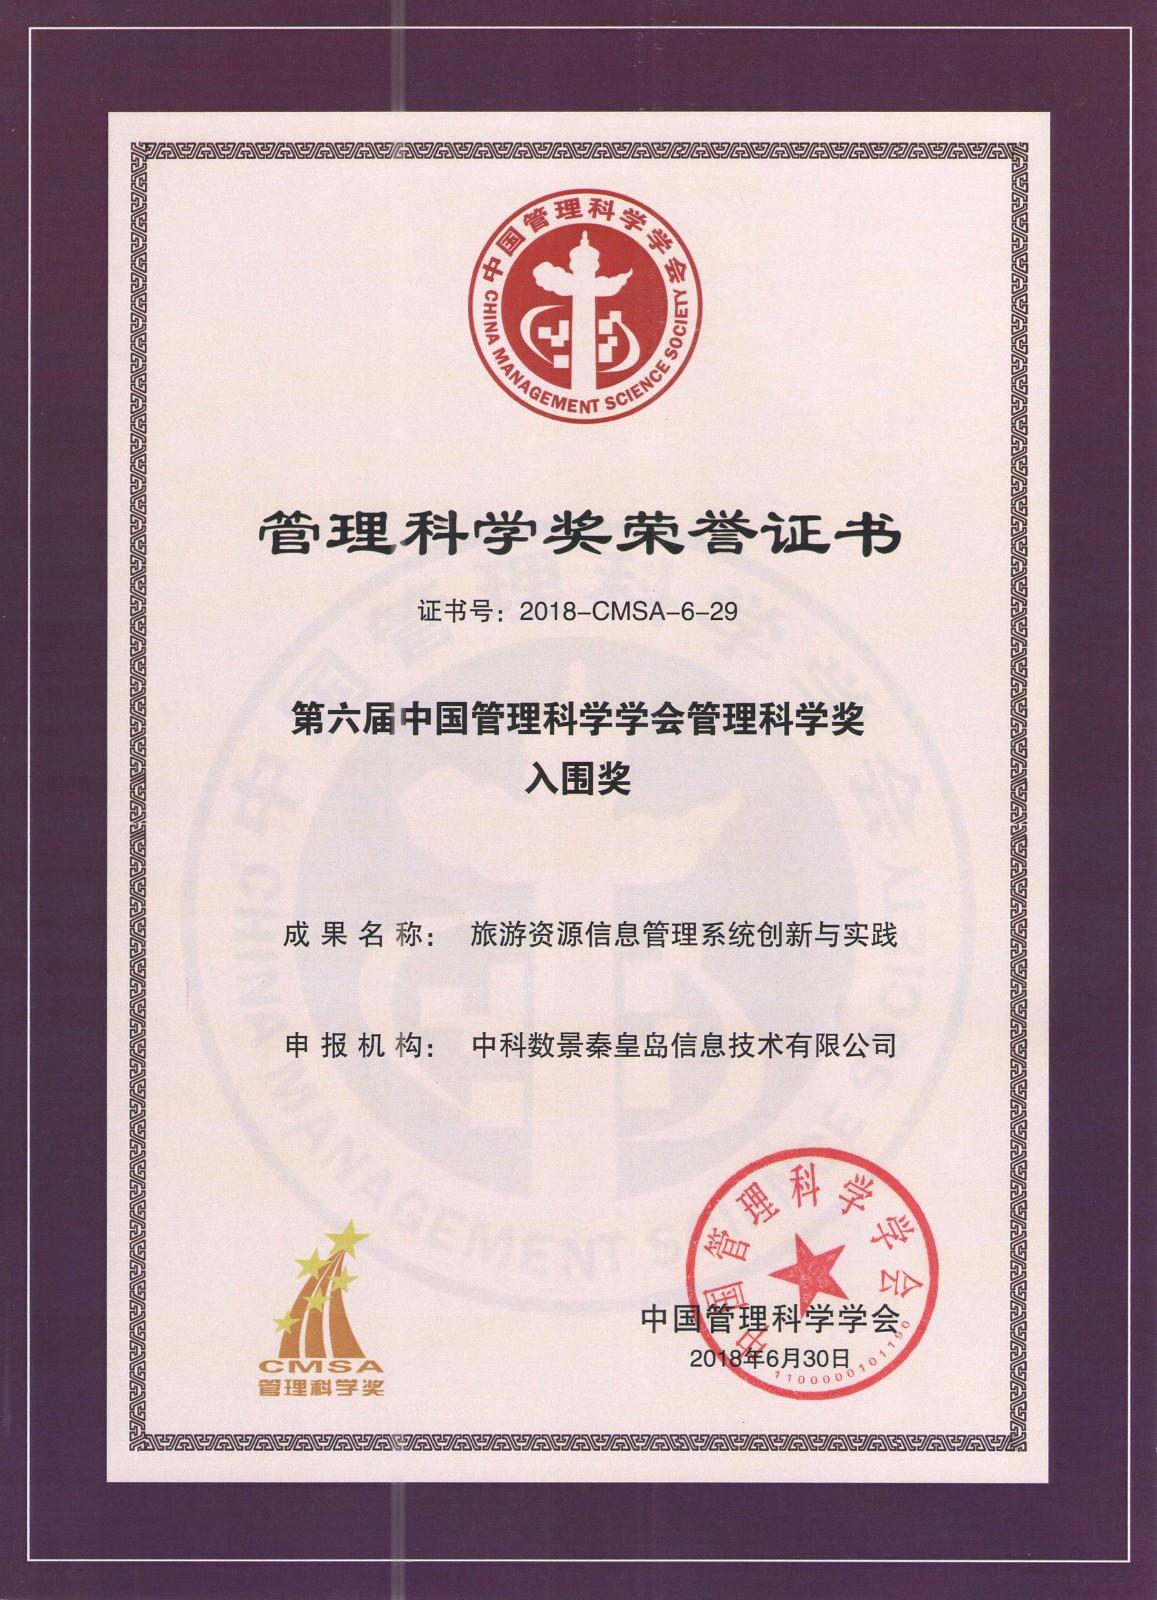 管理科学进步奖